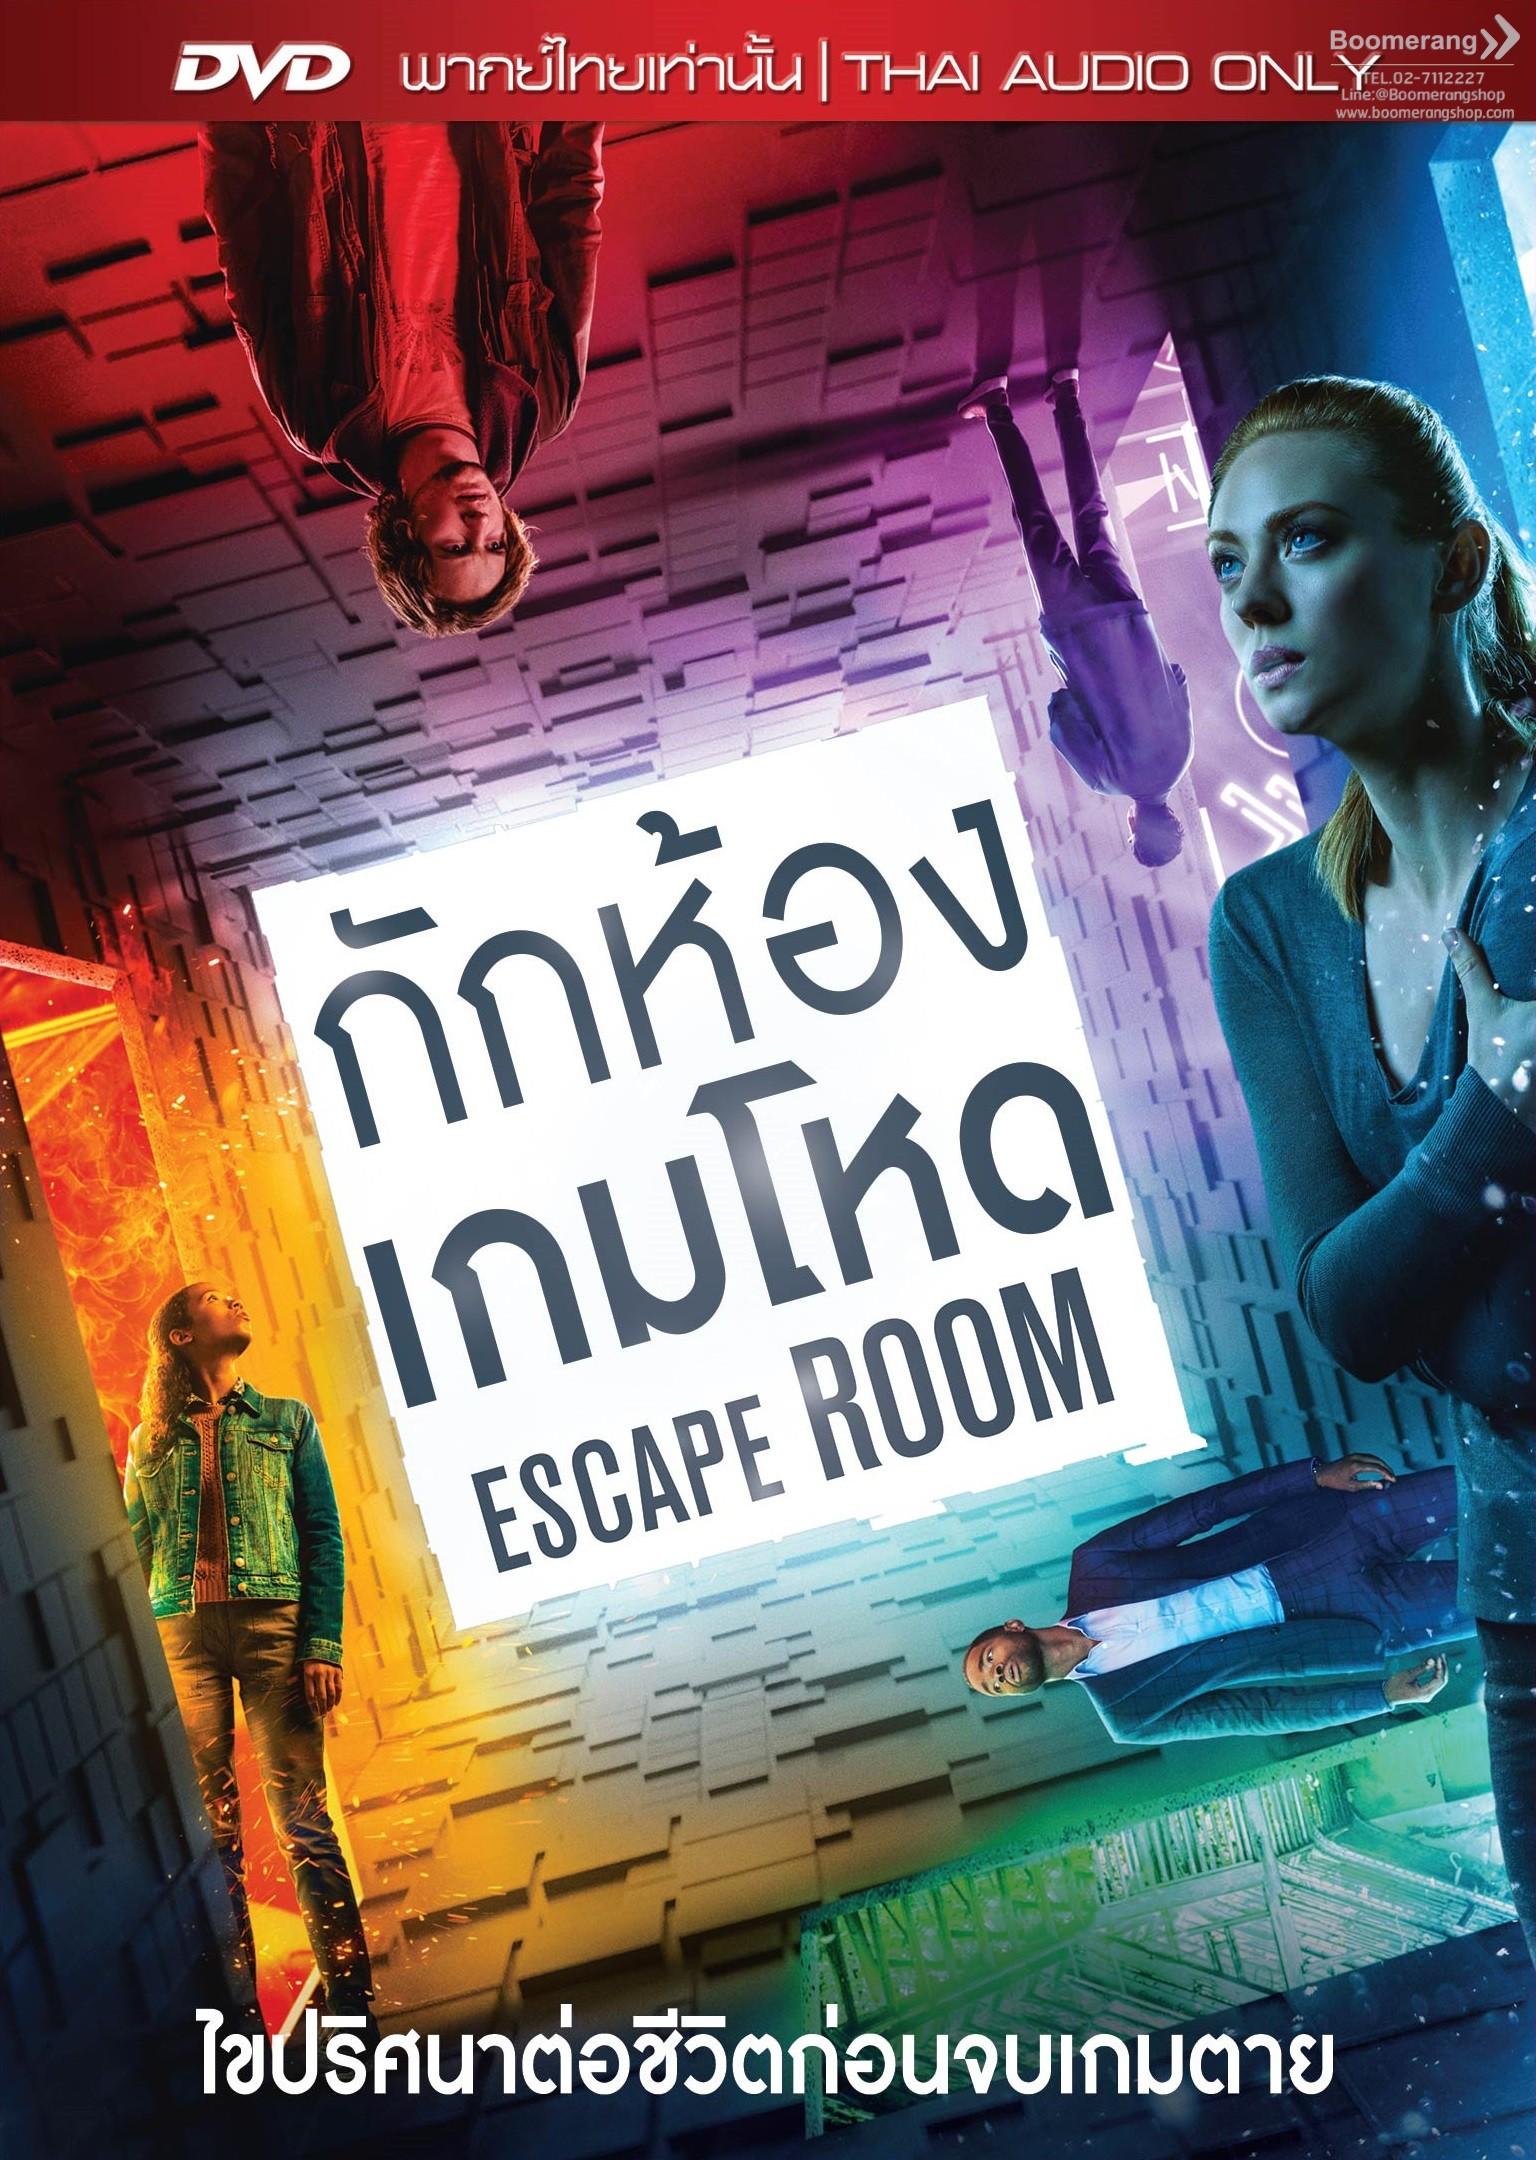 ดูหนัง Escape Room กักห้อง เกมโหด ดูหนังออนไลน์ฟรี ดูหนังฟรี ดูหนังใหม่ชนโรง หนังใหม่ล่าสุด หนังแอคชั่น หนังผจญภัย หนังแอนนิเมชั่น หนัง HD ได้ที่ movie24x.com